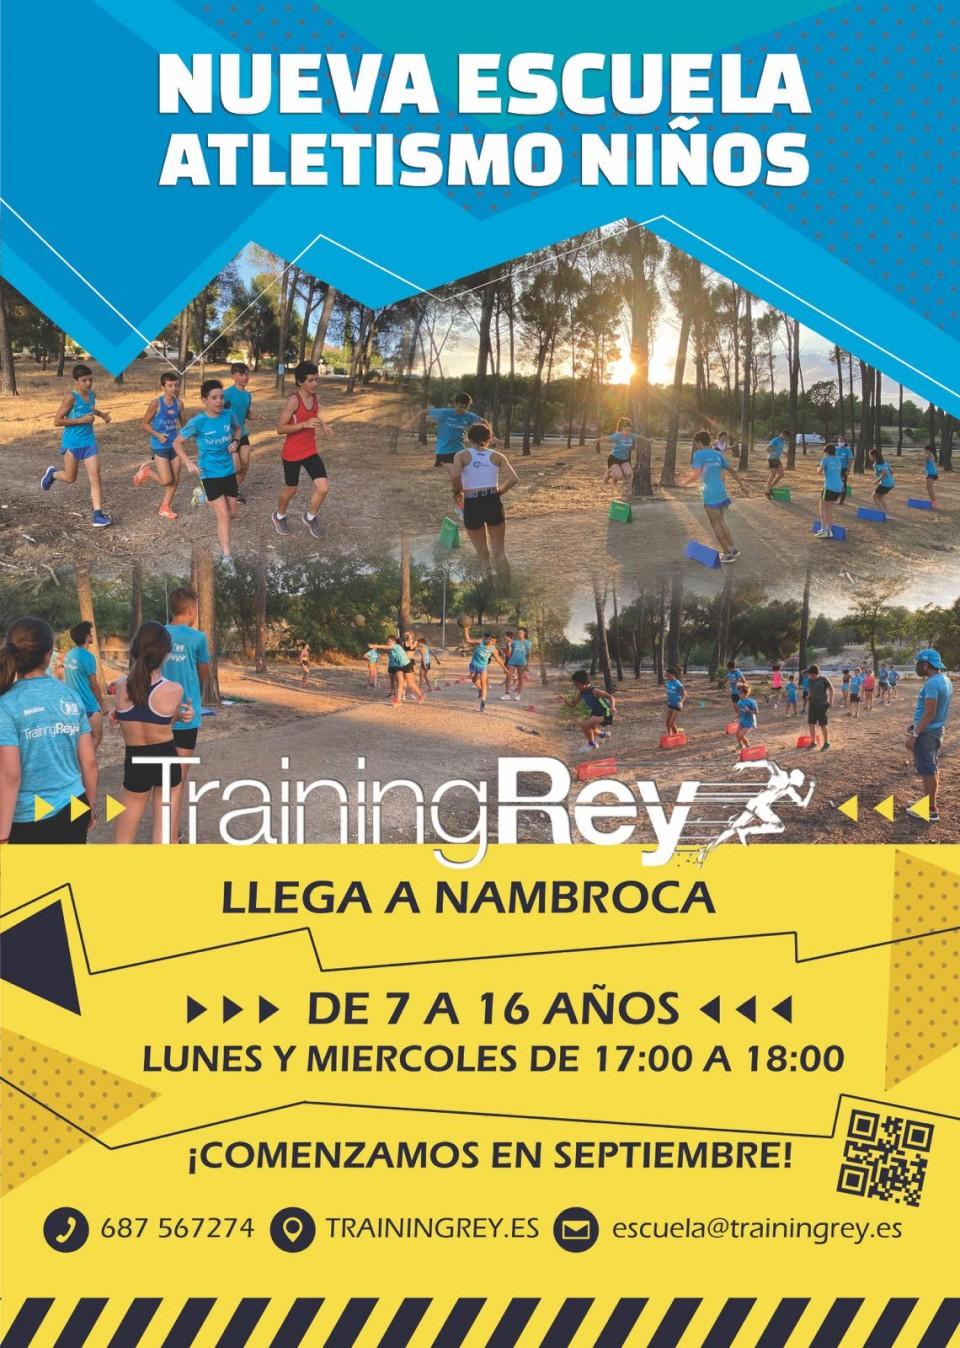 Training Rey empieza a entrenar en Nambroca